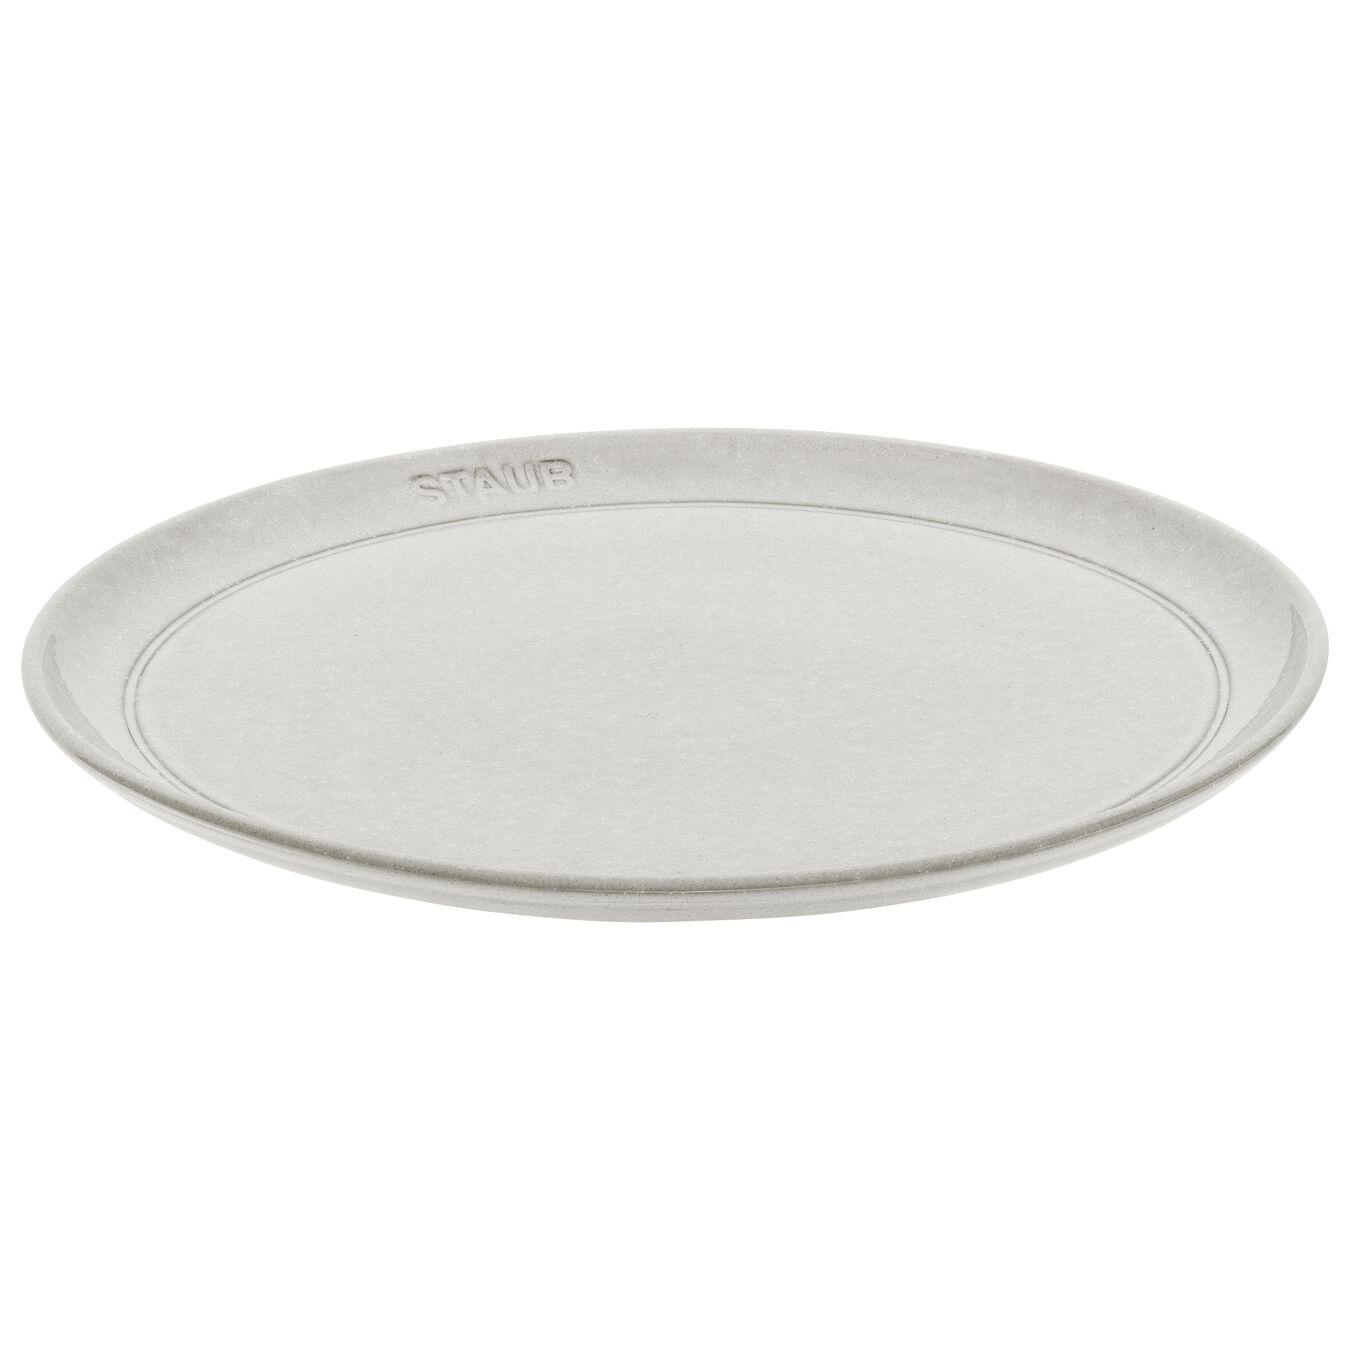 Set de service, 32-pcs | White Truffle | Ceramic | Ceramic,,large 3